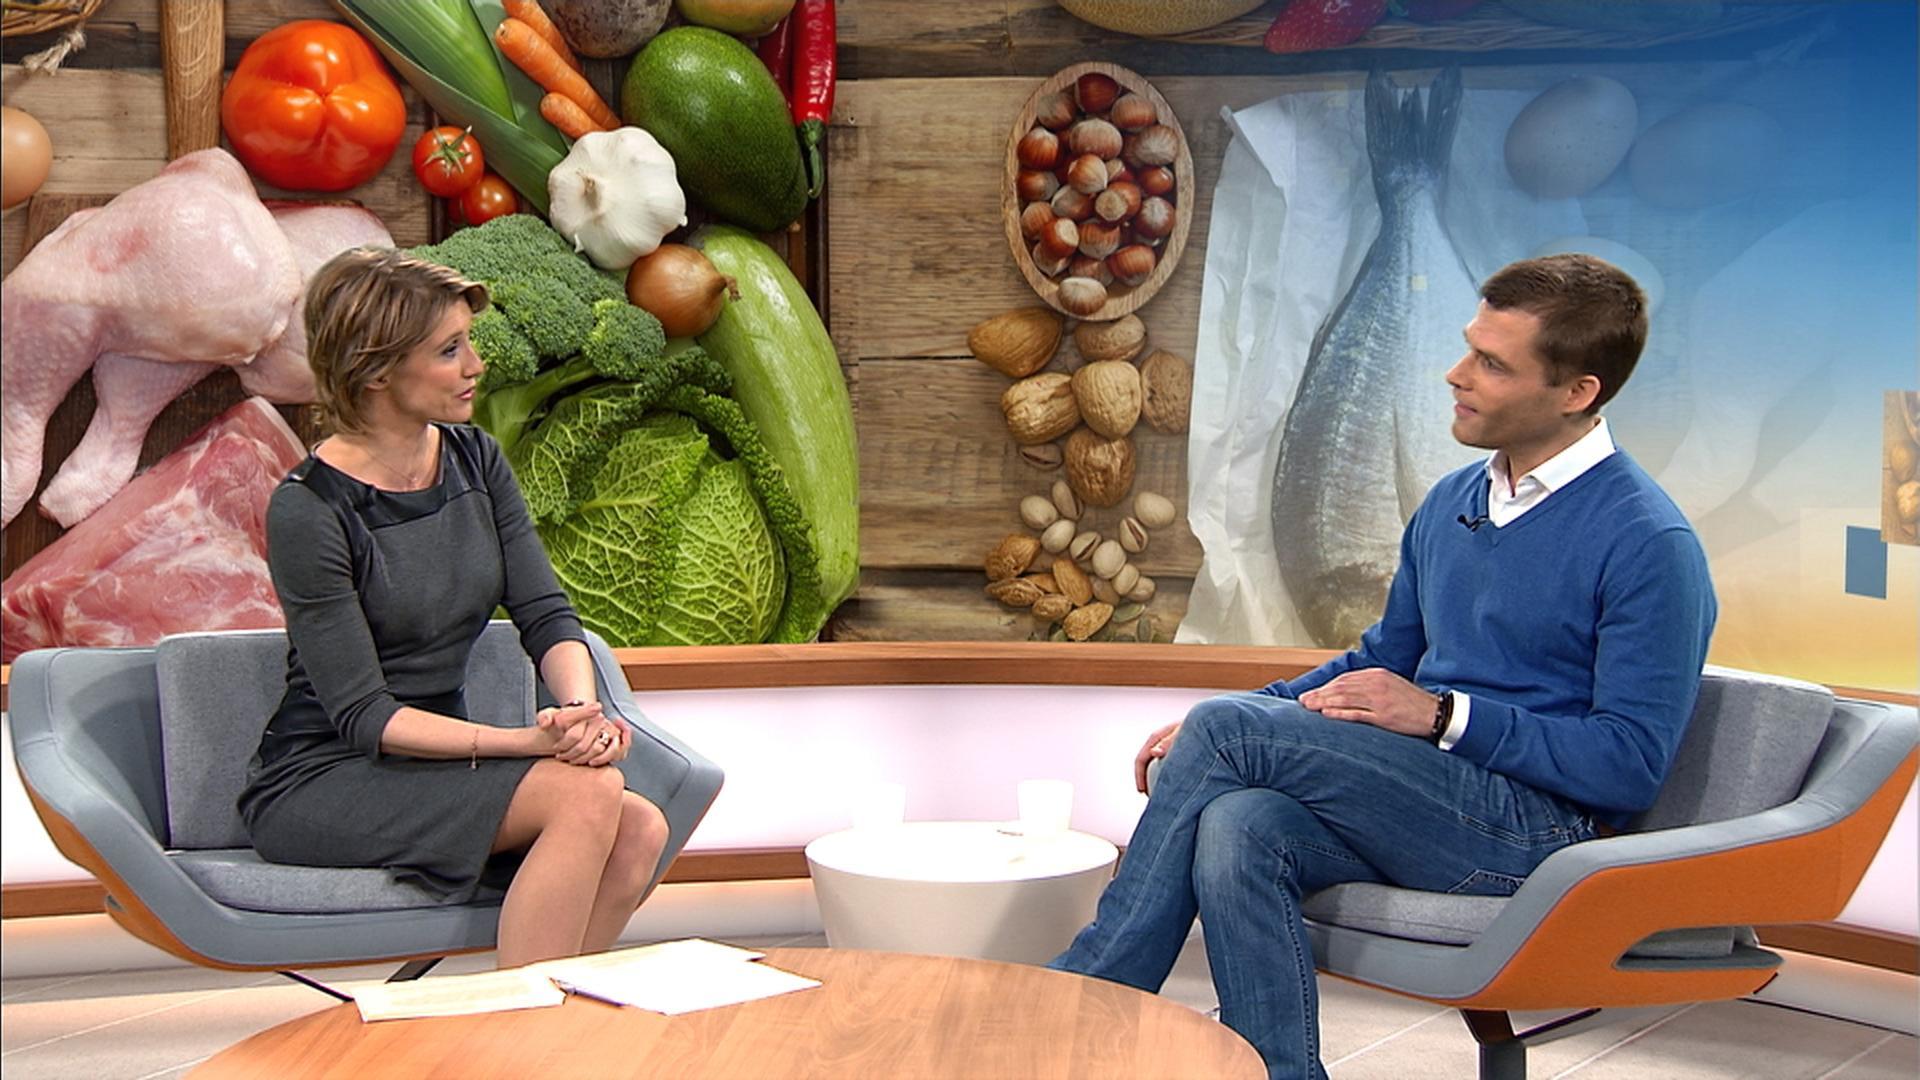 Gesunde Ernährung Fleisch Die Dosis Macht Das Gift Zdfmediathek